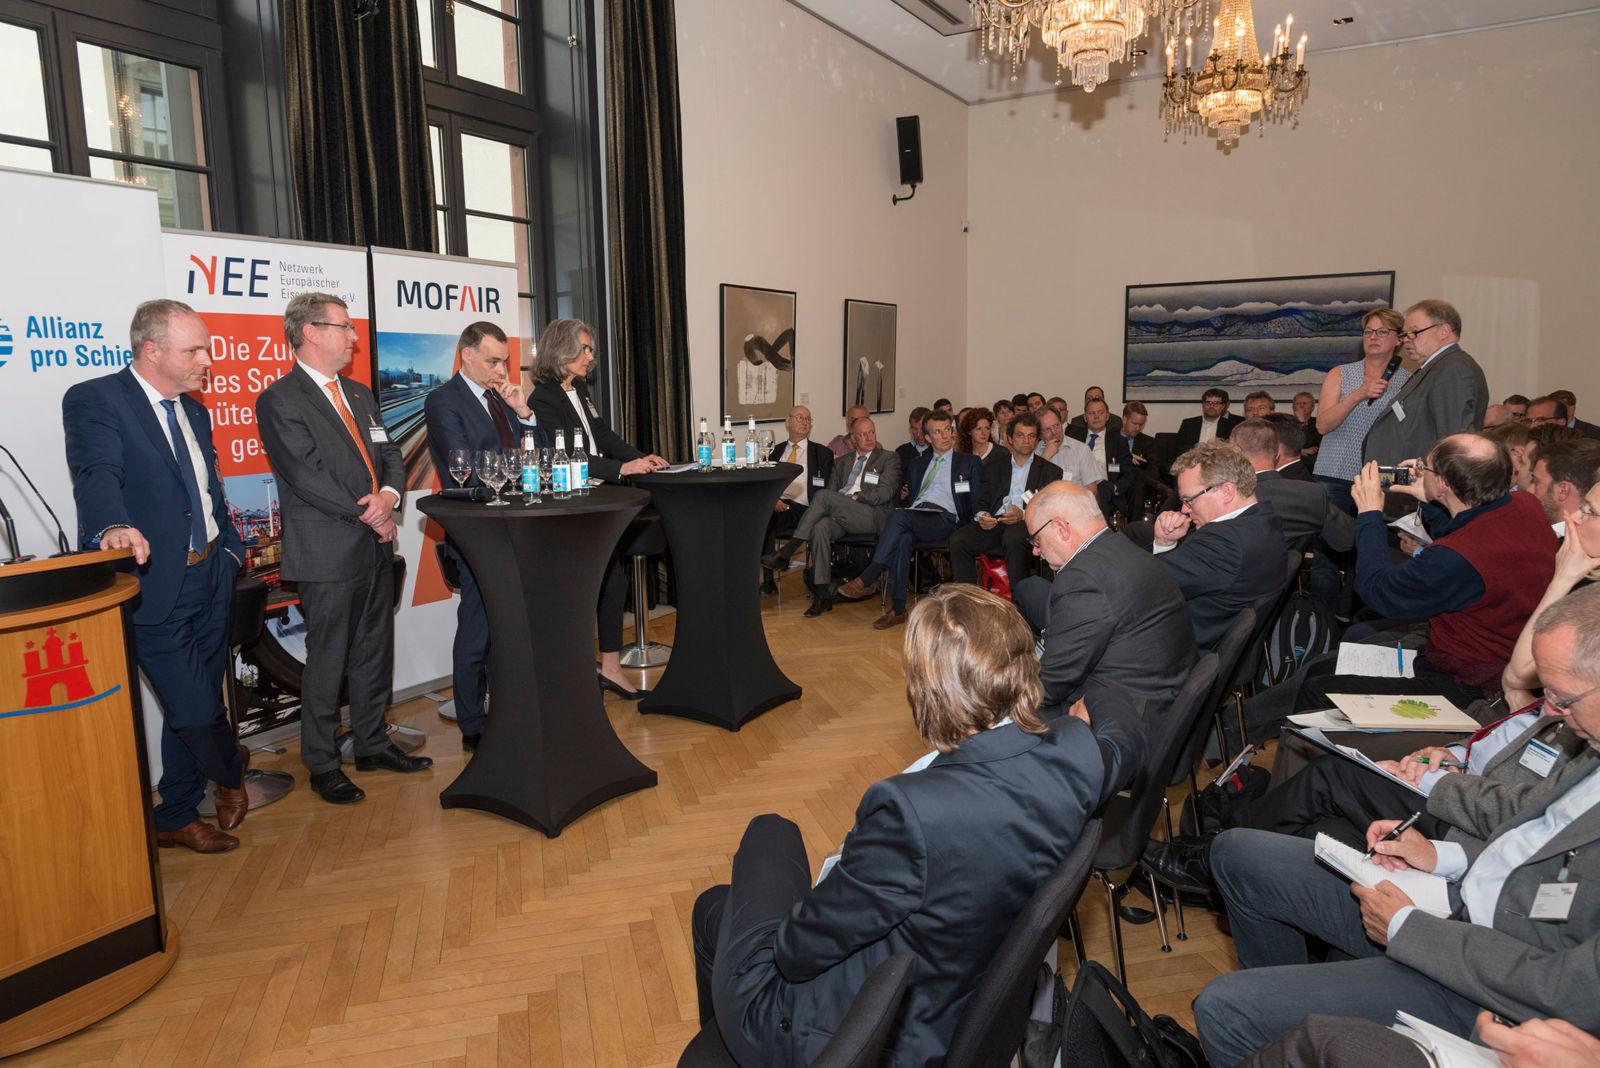 Konstruktive Vorschläge kamen auch aus dem Publikum: Über 100 Entscheider aus der Bahnbranche nahmen teil.